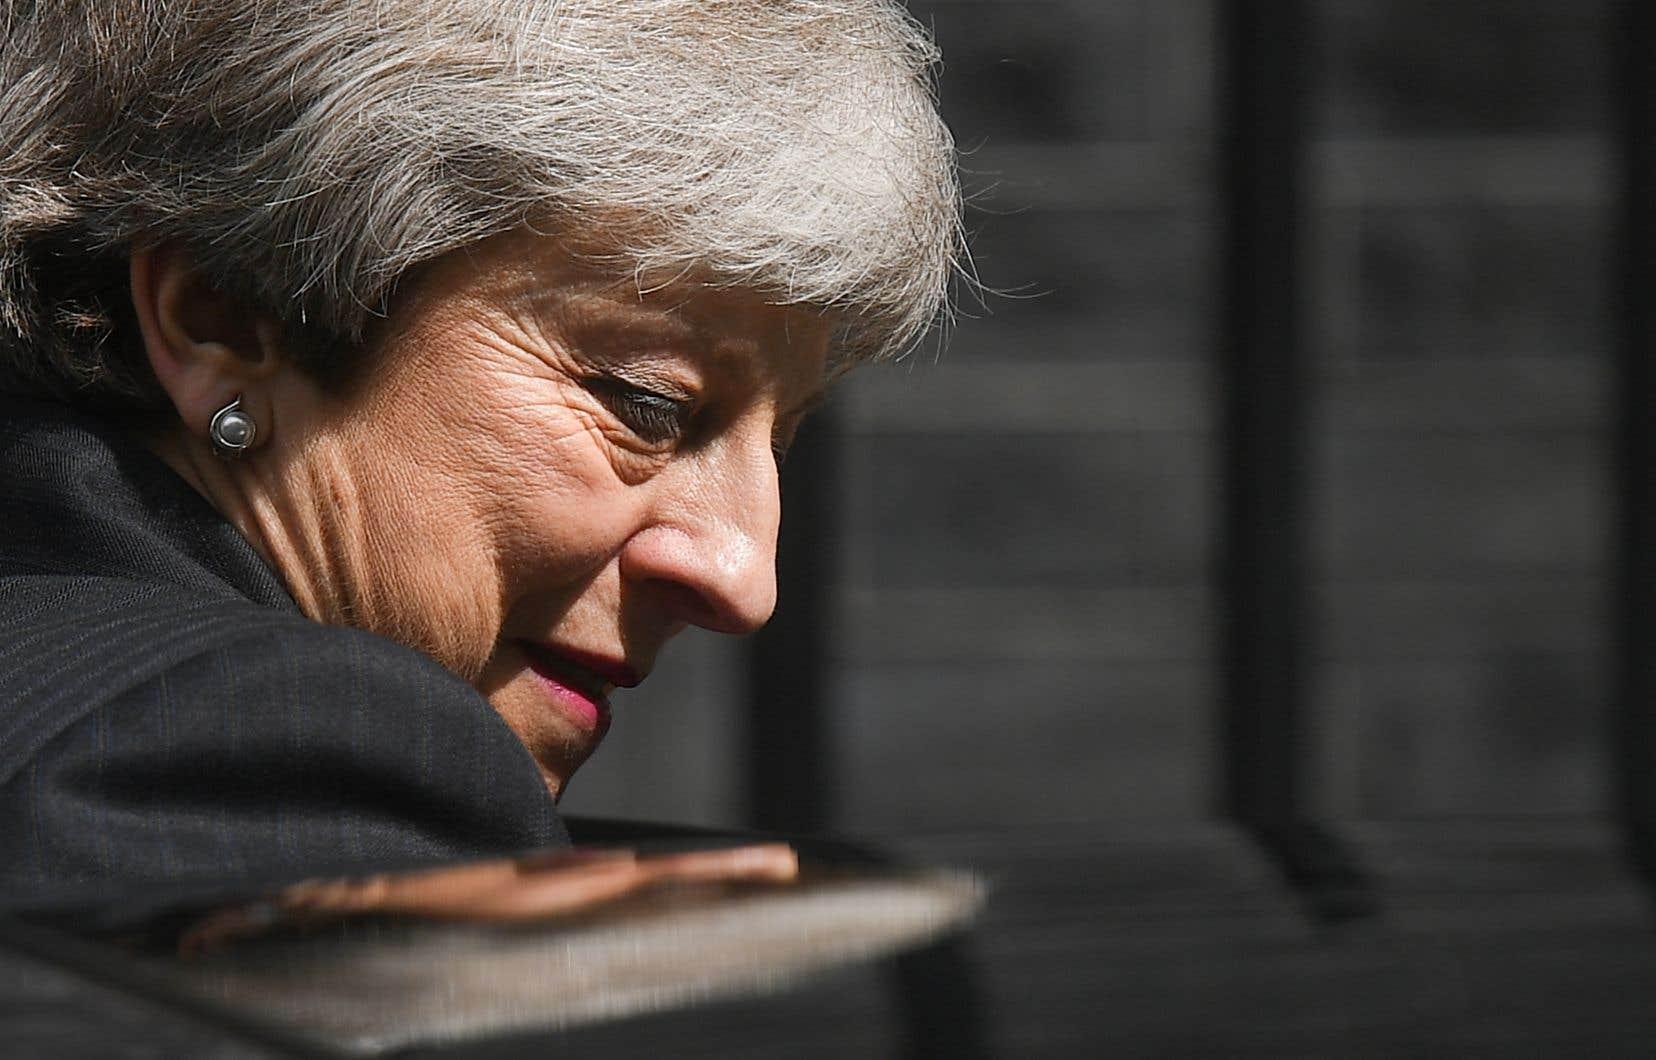 <p>Face aux députés, Theresa May a présenté mercredi son plancomme le seul moyen de respecter la volonté des Britanniques. Il prévoitprévoit notamment la possibilité de voter sur un second référendum et le maintien dans une union douanière temporaire avec l'UE.</p>